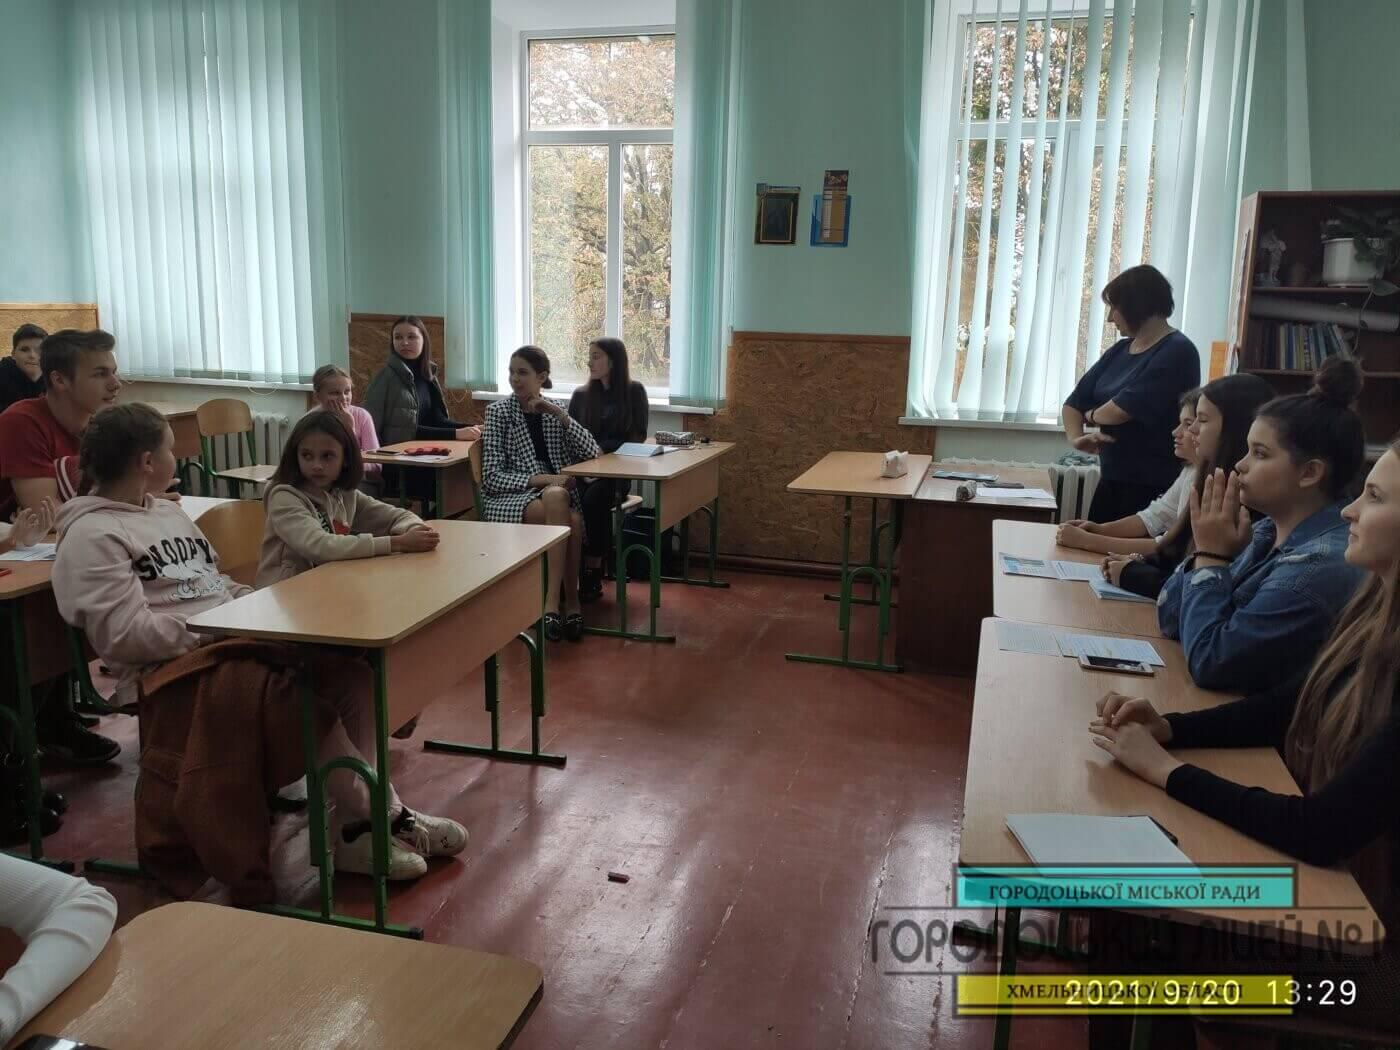 img 20210920 132911 1400x1050 - Дебати кандидатів на пост президентаучнівського самоврядування